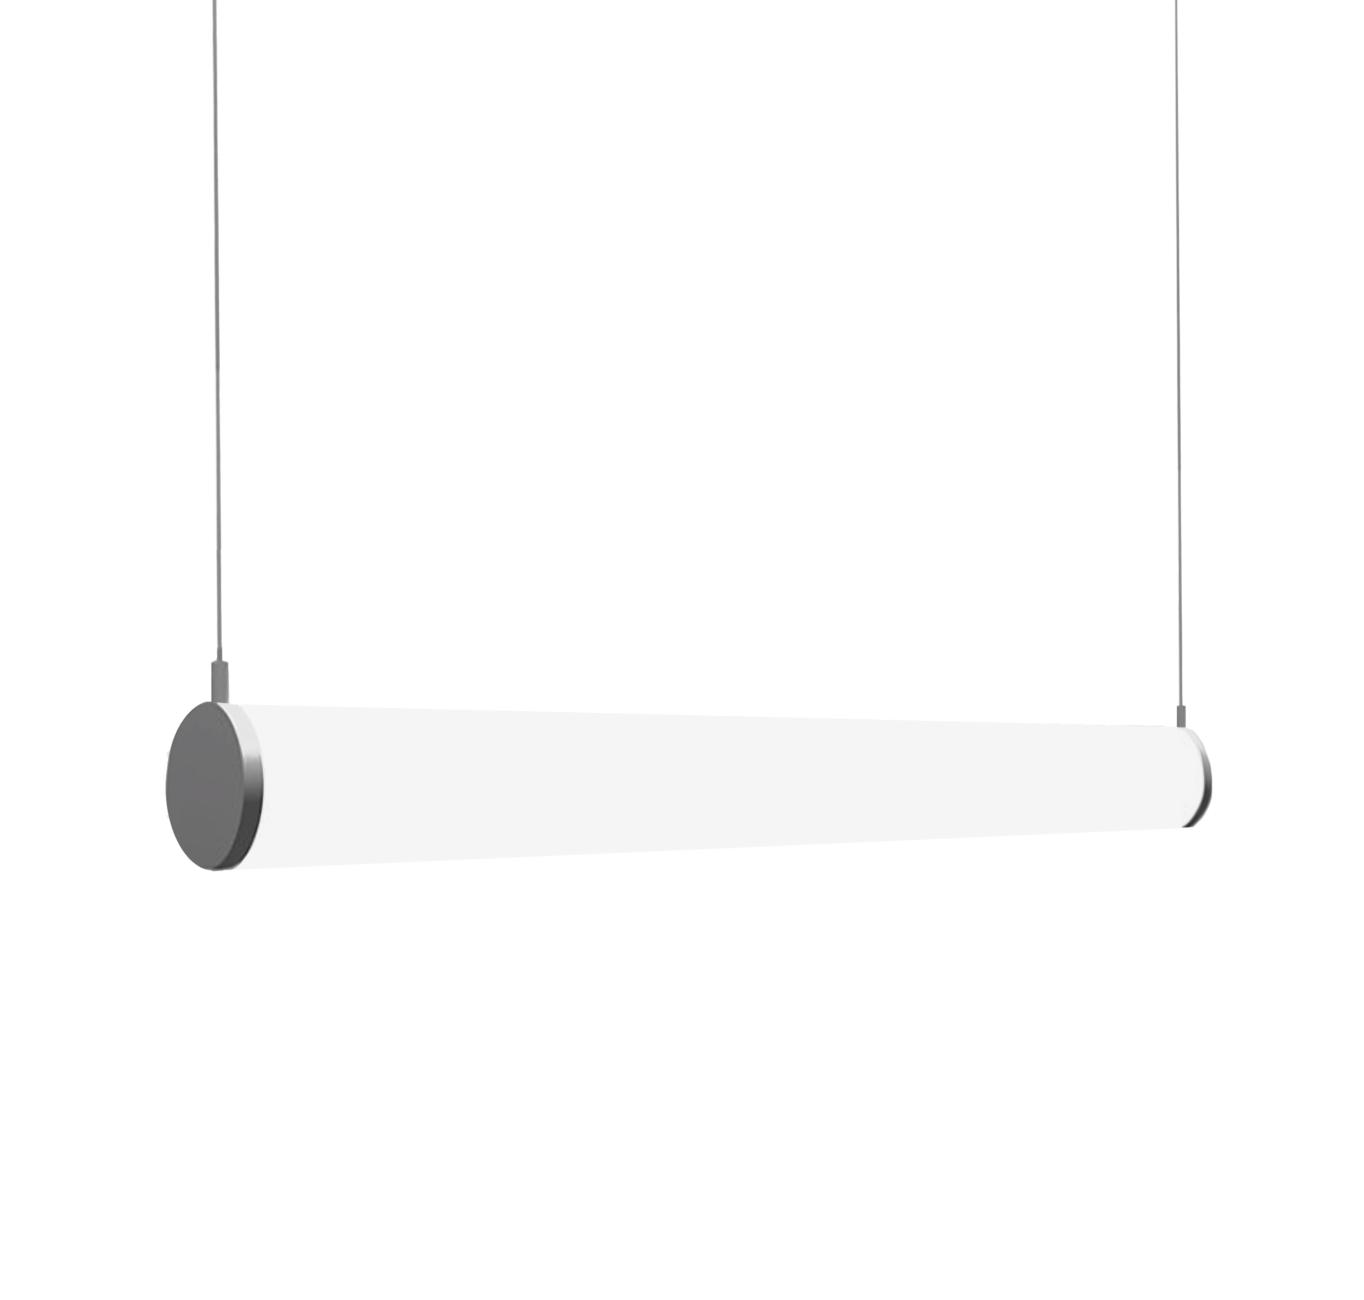 Светильник Roll-60 750мм. 4000К/3000К. 13W/27W купить в Москве